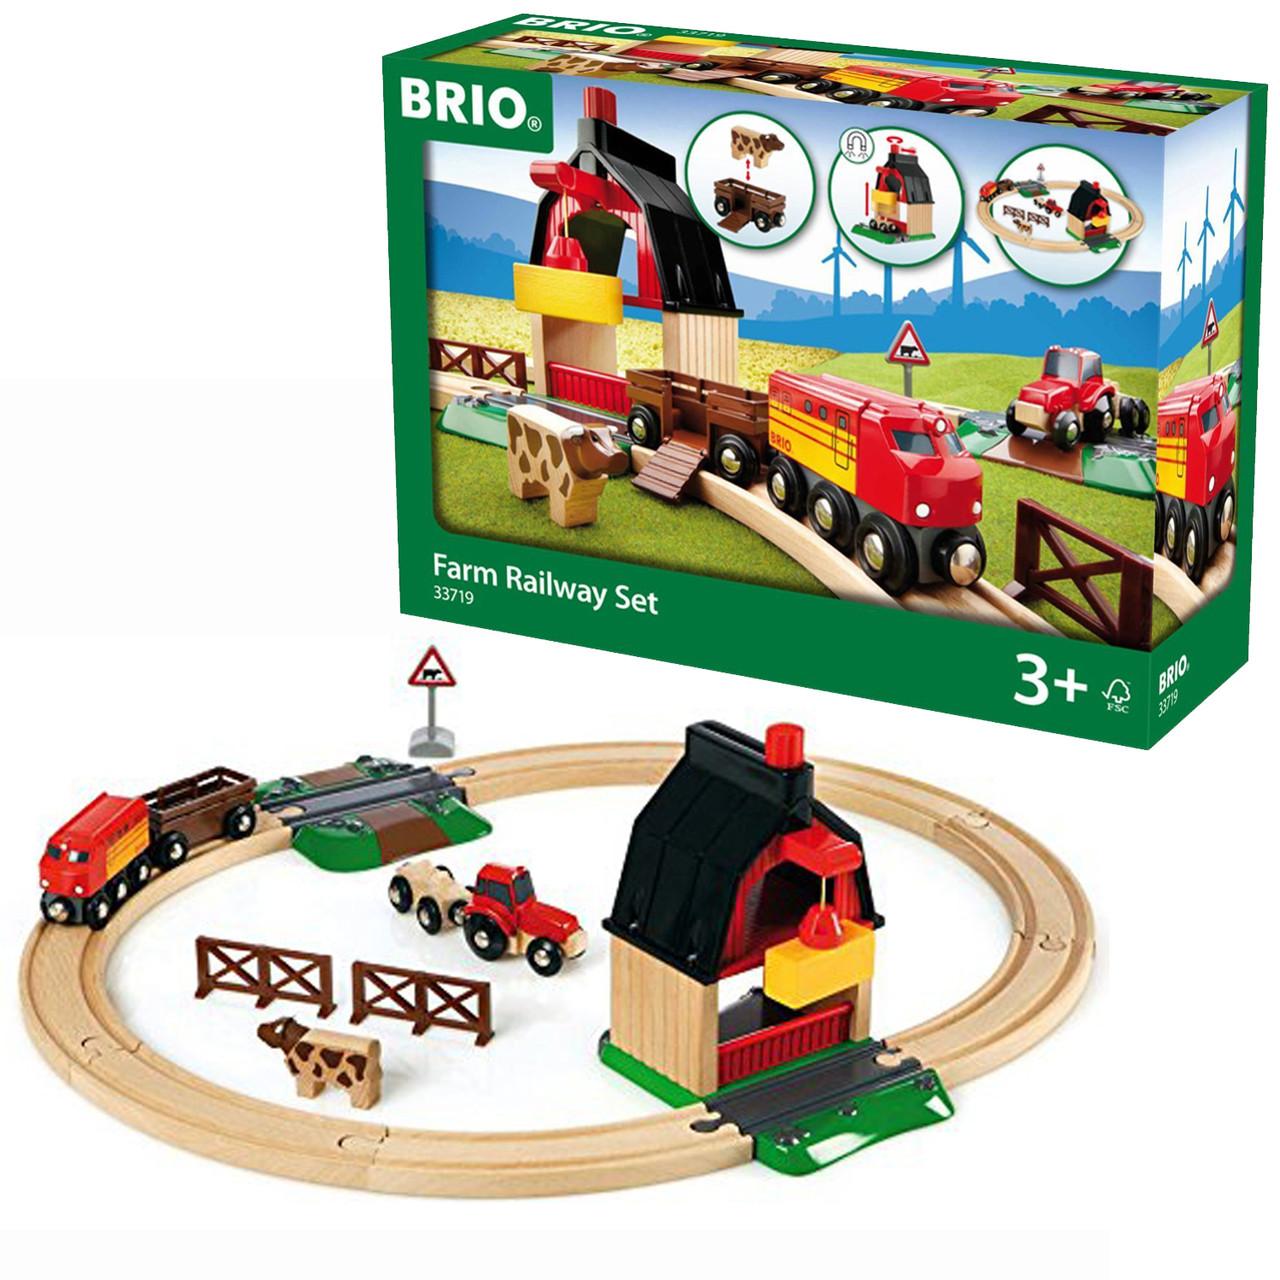 Железная дорога BRIO Деревянная ж/д с переездом и мини-фермой 33719